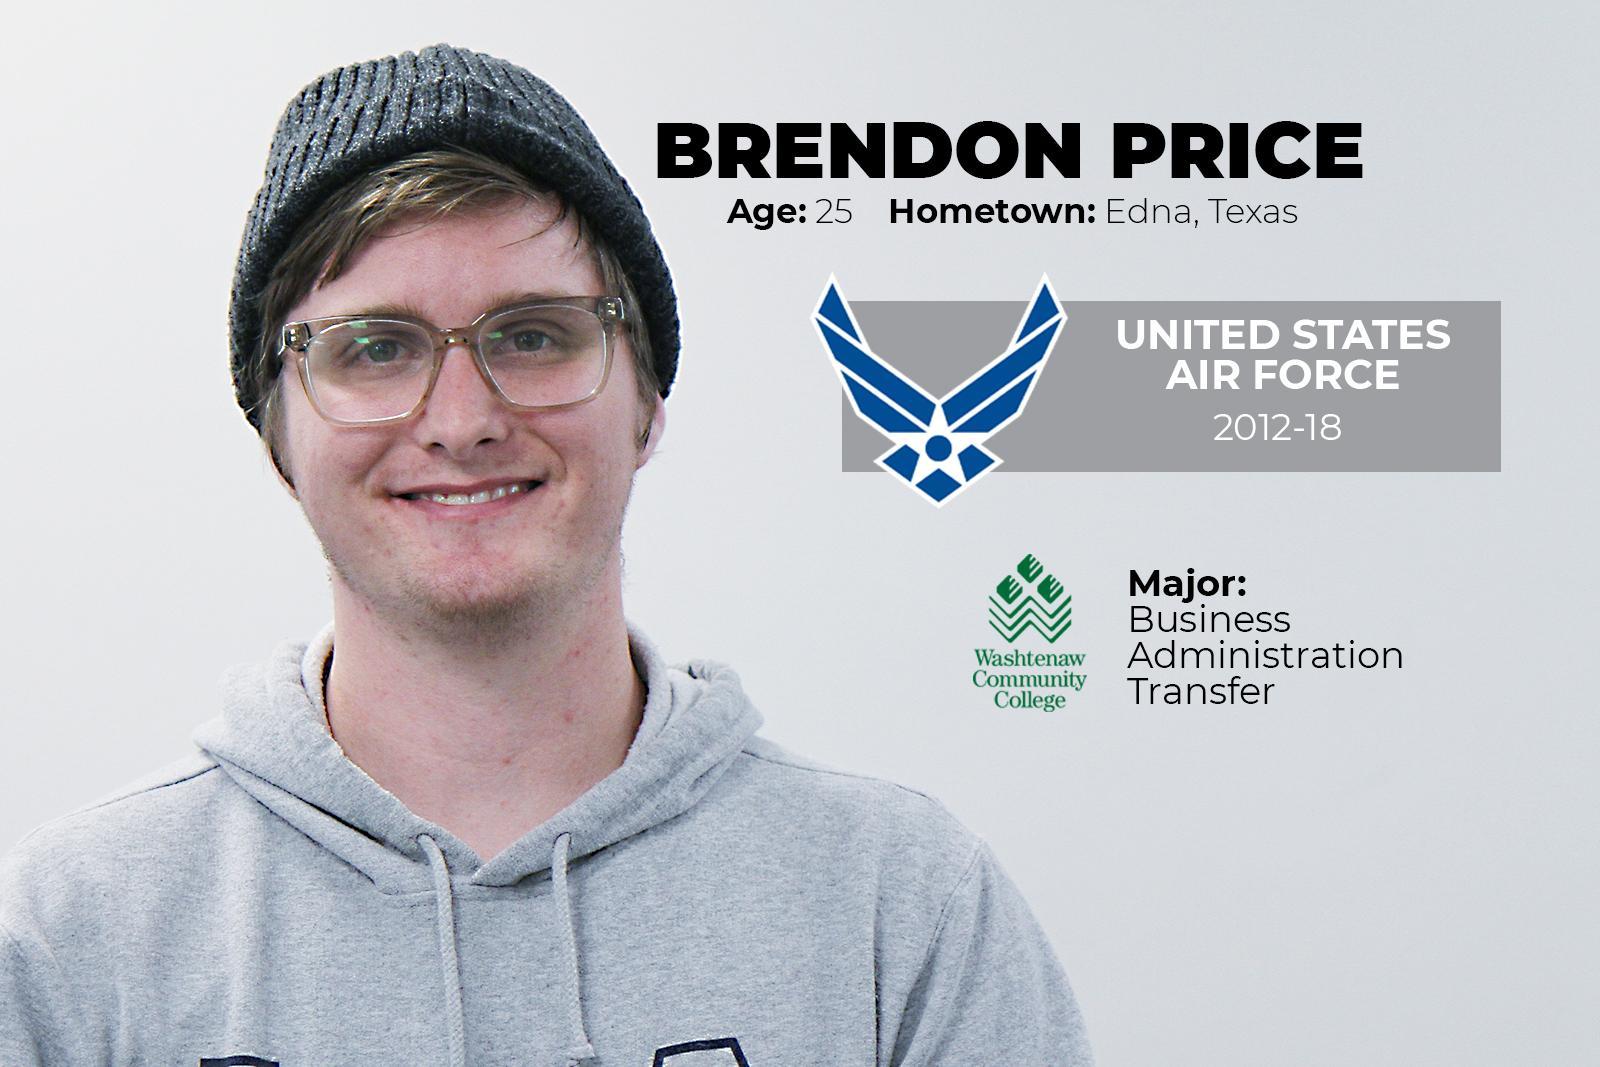 Brendon Price